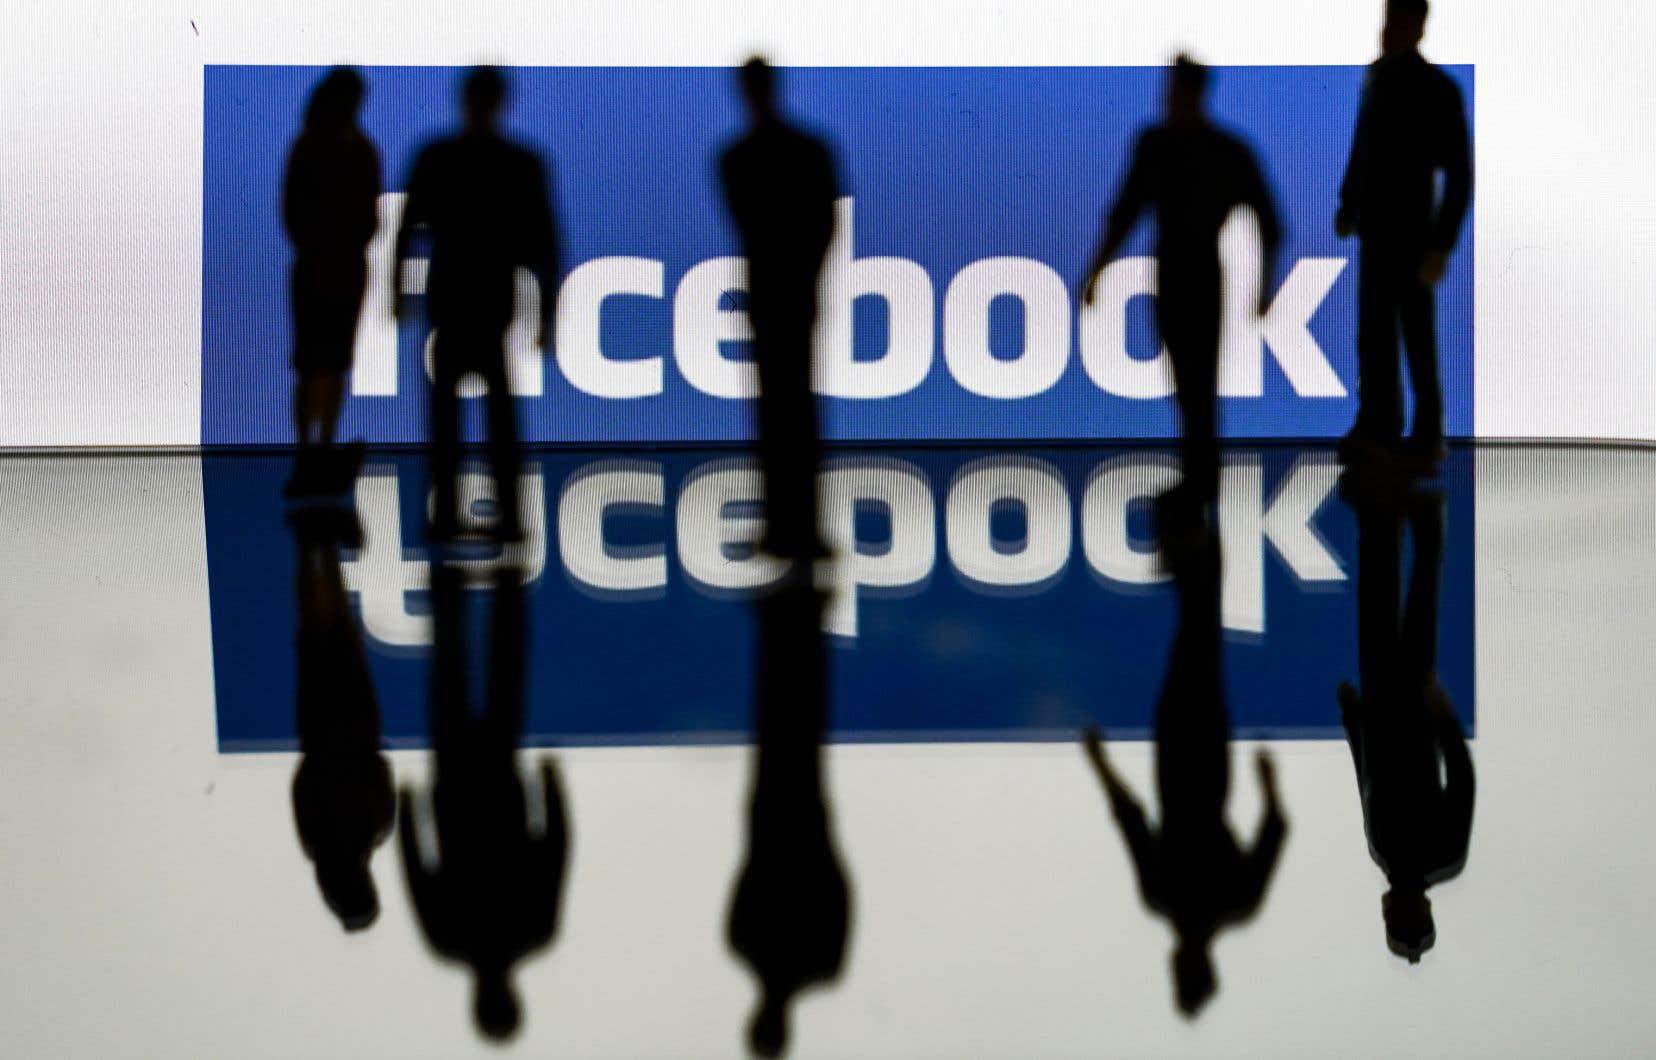 Facebook a informé les utilisateurs australiens qu'à compter du 1eroctobre, elle se permettra de supprimer ou de retirer l'accès à des contenus «si cela s'avérait nécessaire pour éviter ou atténuer les conséquences juridiques ou réglementaires».